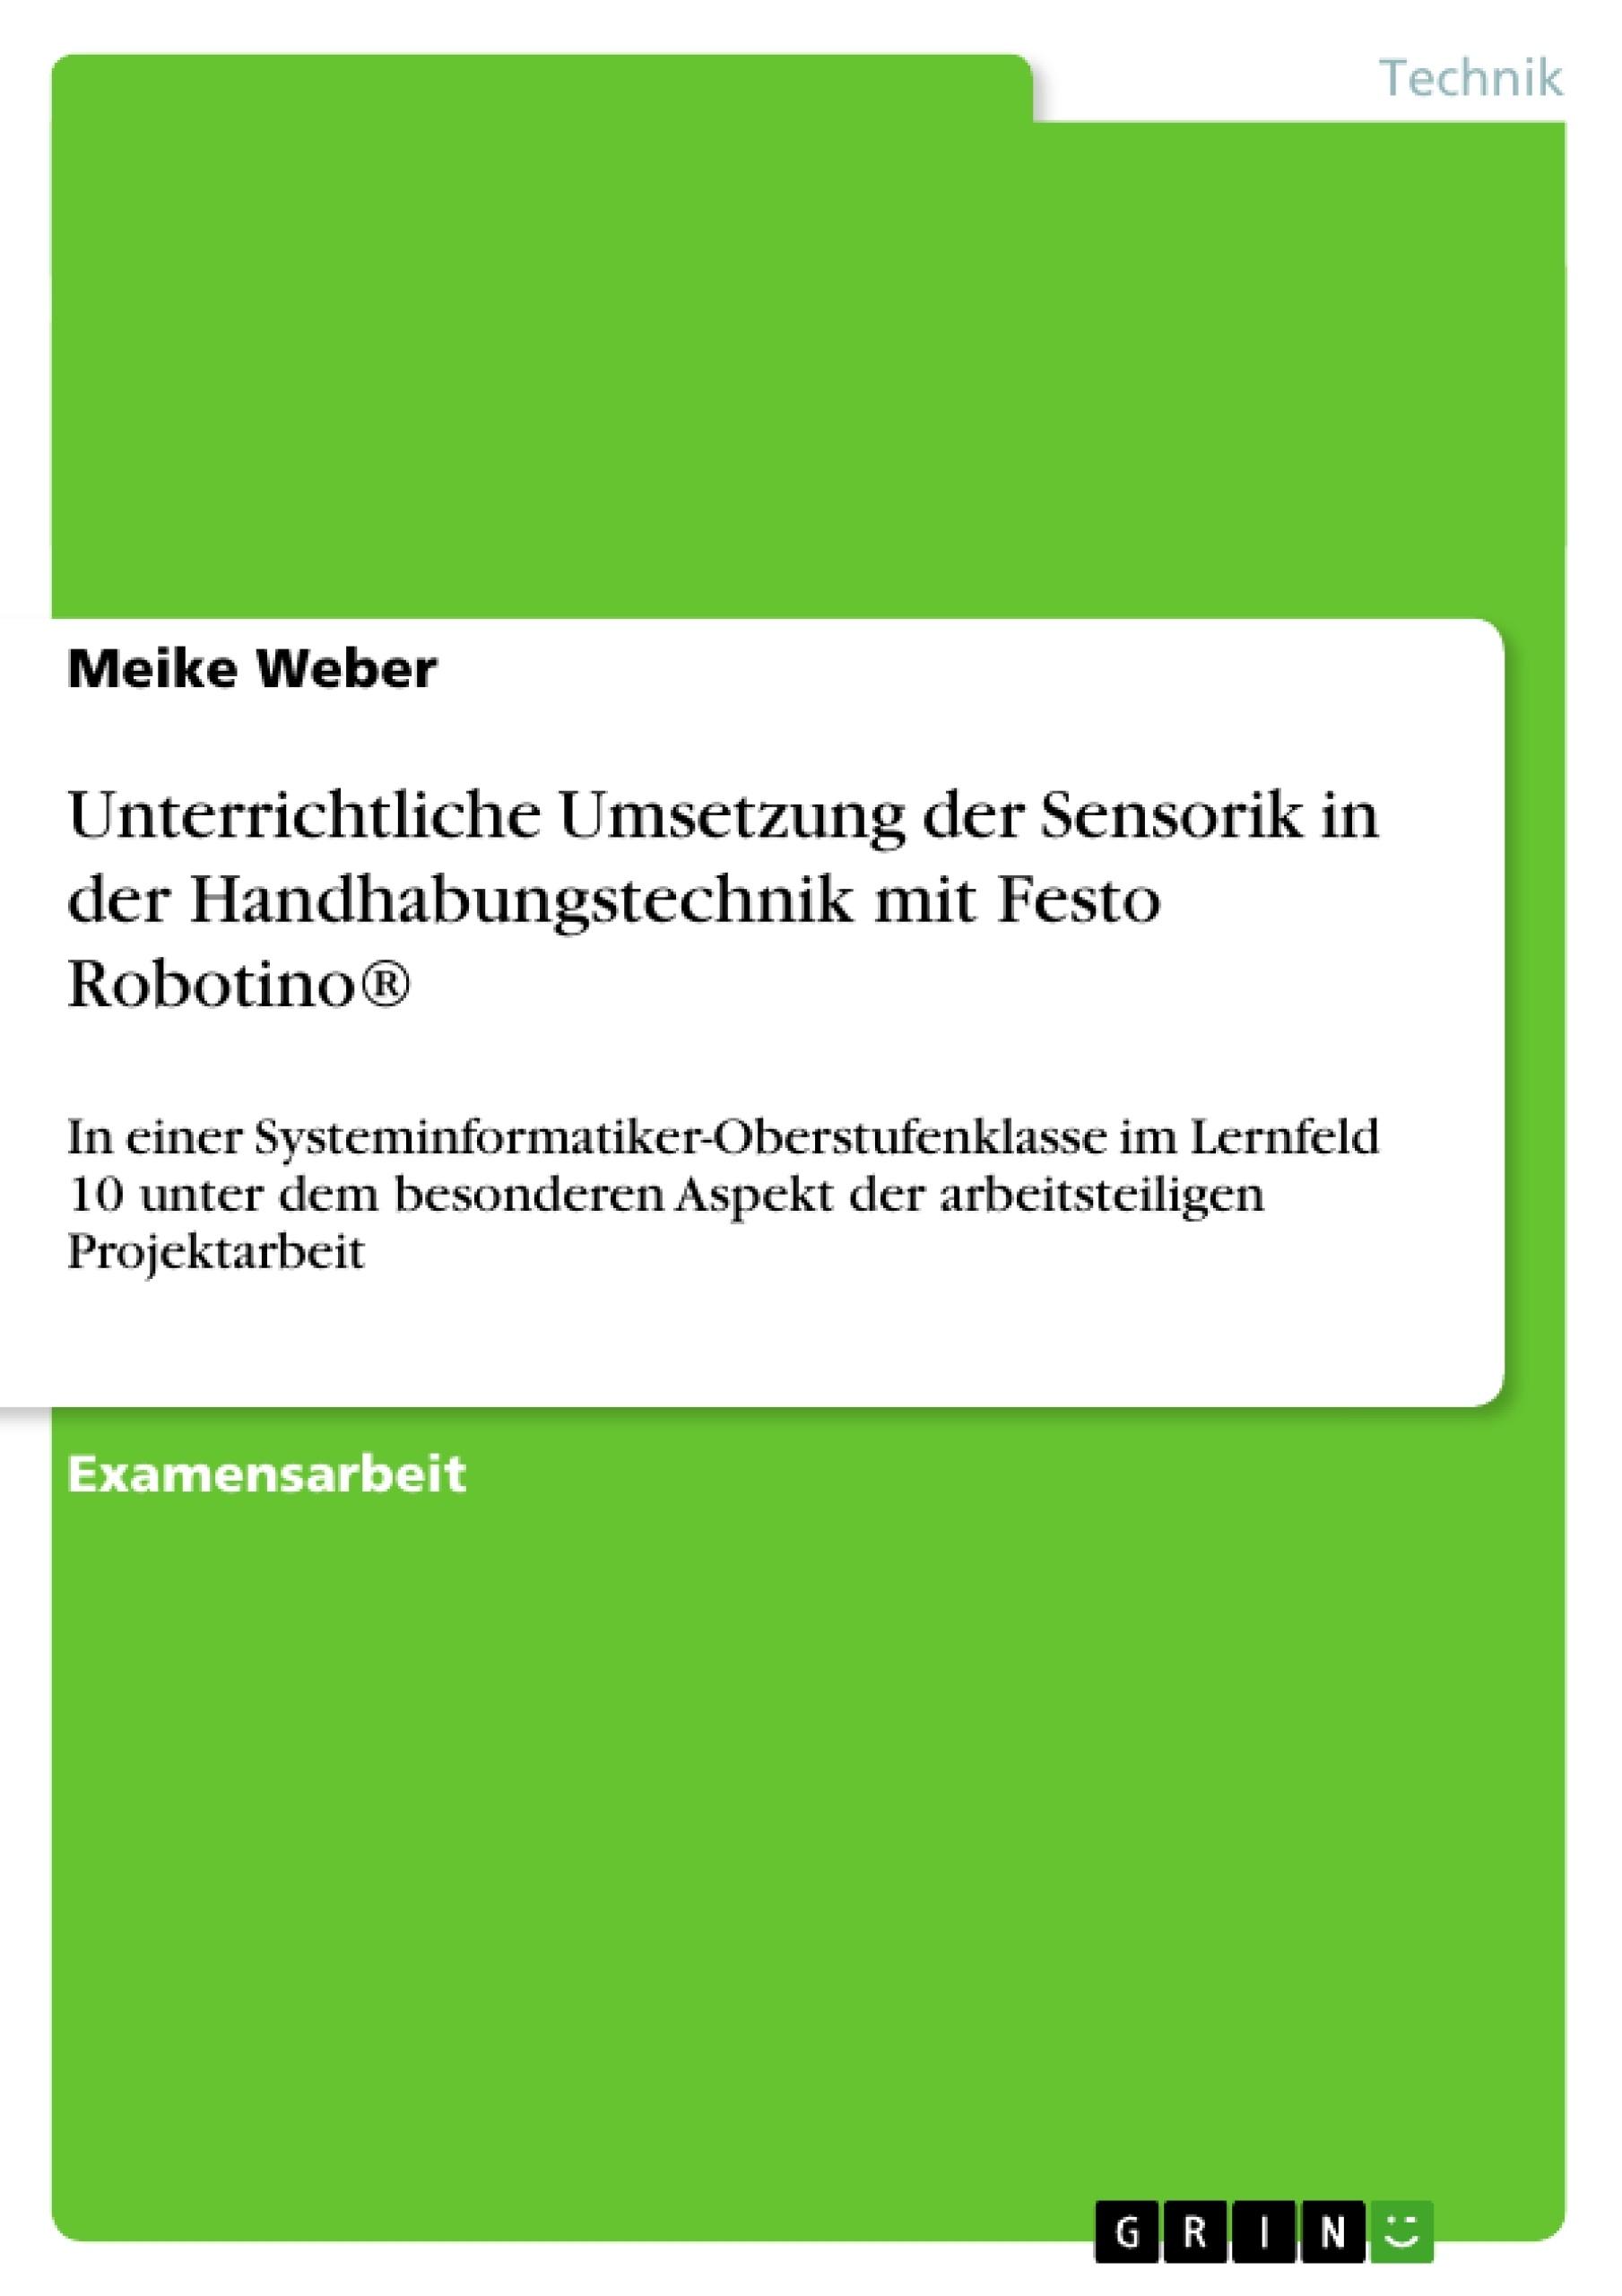 Titel: Unterrichtliche Umsetzung der Sensorik in der Handhabungstechnik mit Festo Robotino®